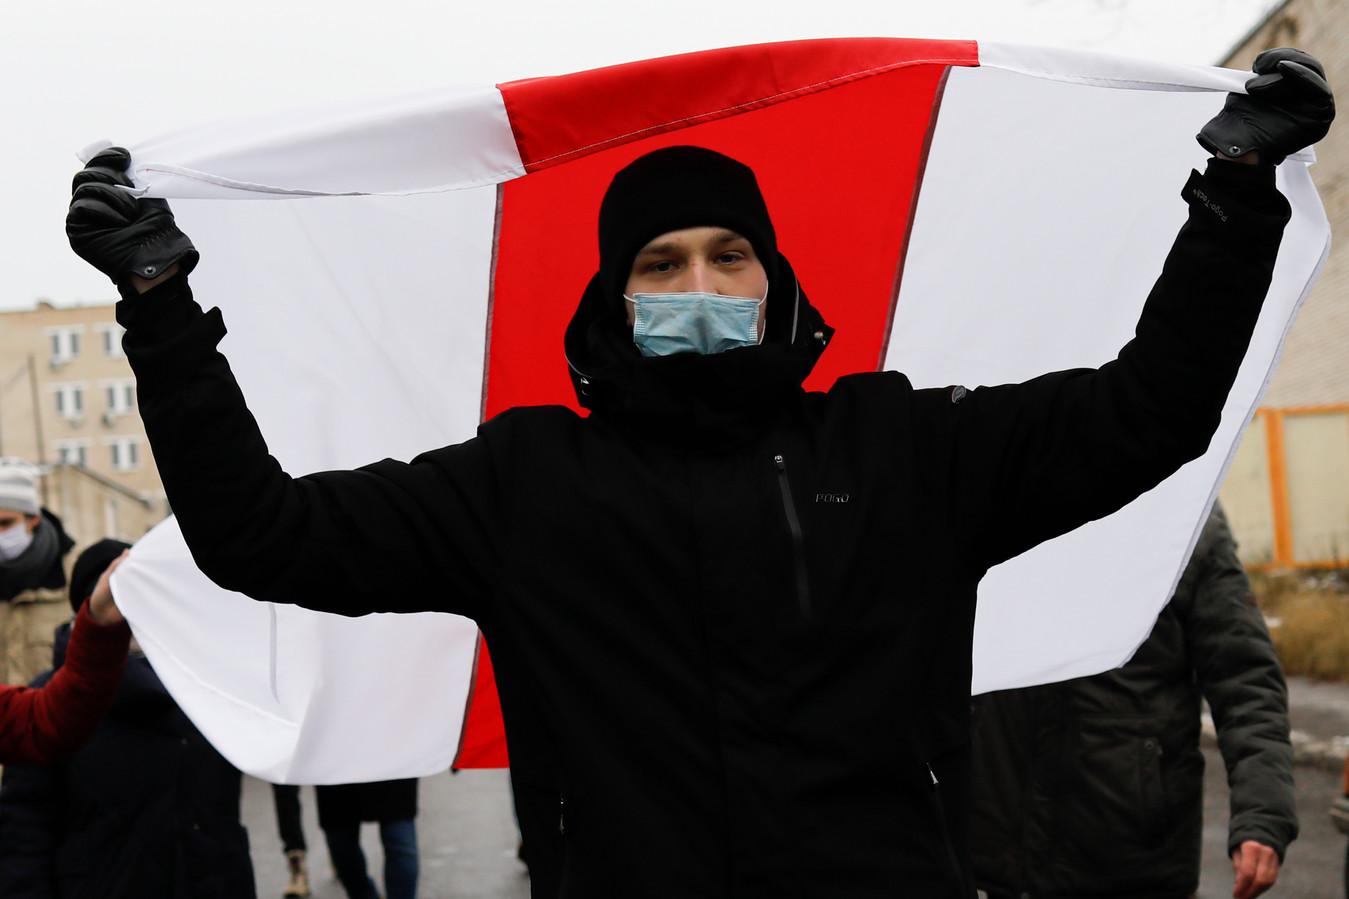 Een demonstrant in Minsk zwaait met een oude Wit-Russische nationale vlag tijdens een oppositiebijeenkomst om te protesteren tegen de benoeming van Loekasjenko na de presidentsverkiezingen.